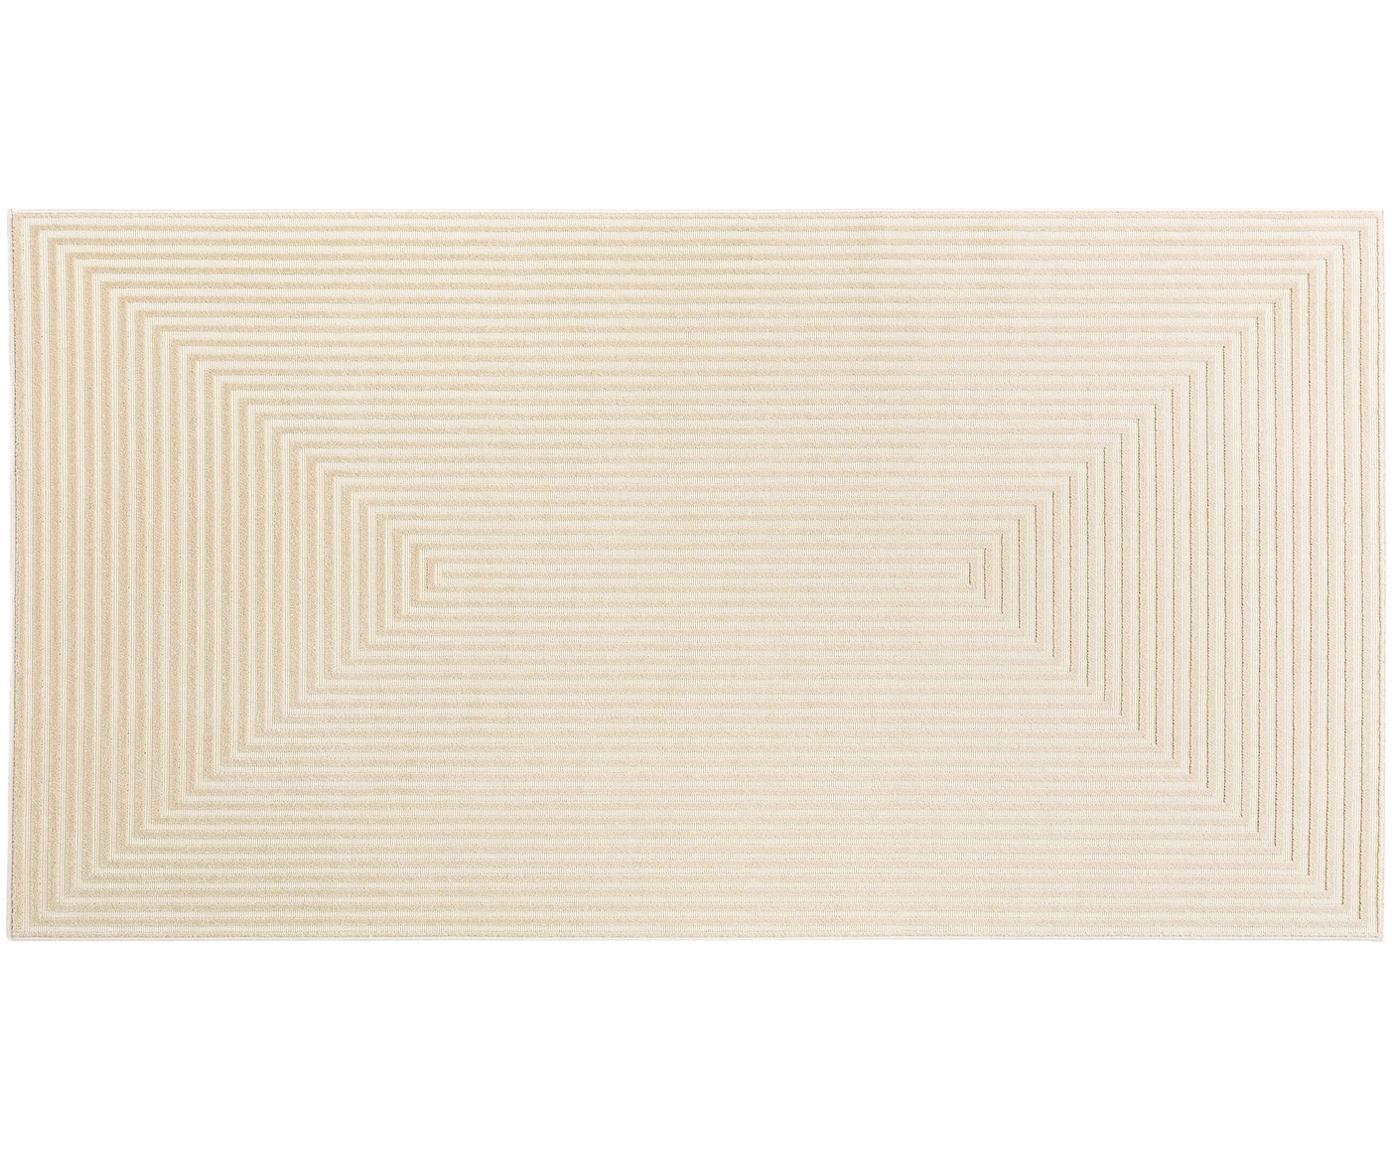 Tappeto con effetto a rilievo Diamond, Retro: 70%juta, 30%lattice sin, Crema, beige chiaro, Larg. 80 x Lung. 150 cm (taglia XS)